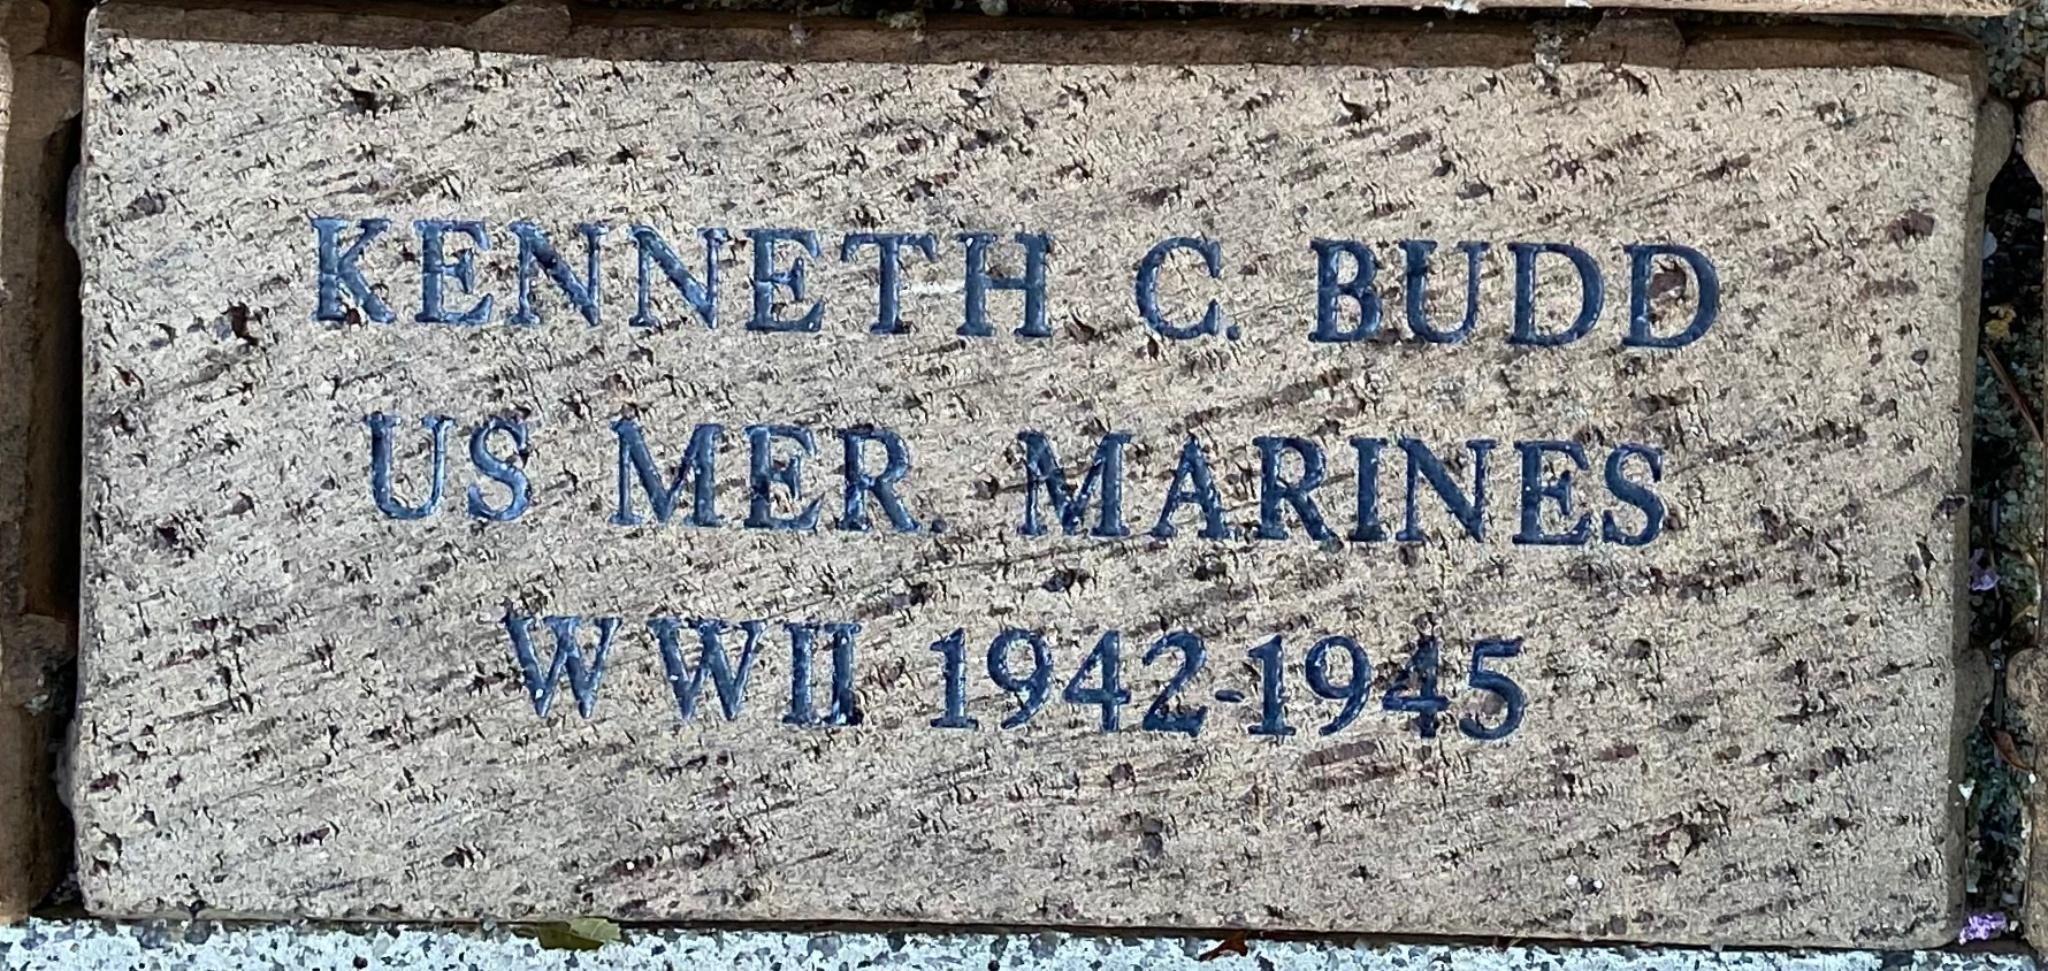 KENNETH C. BUDD US MER. MARINES WWII 1942-1945